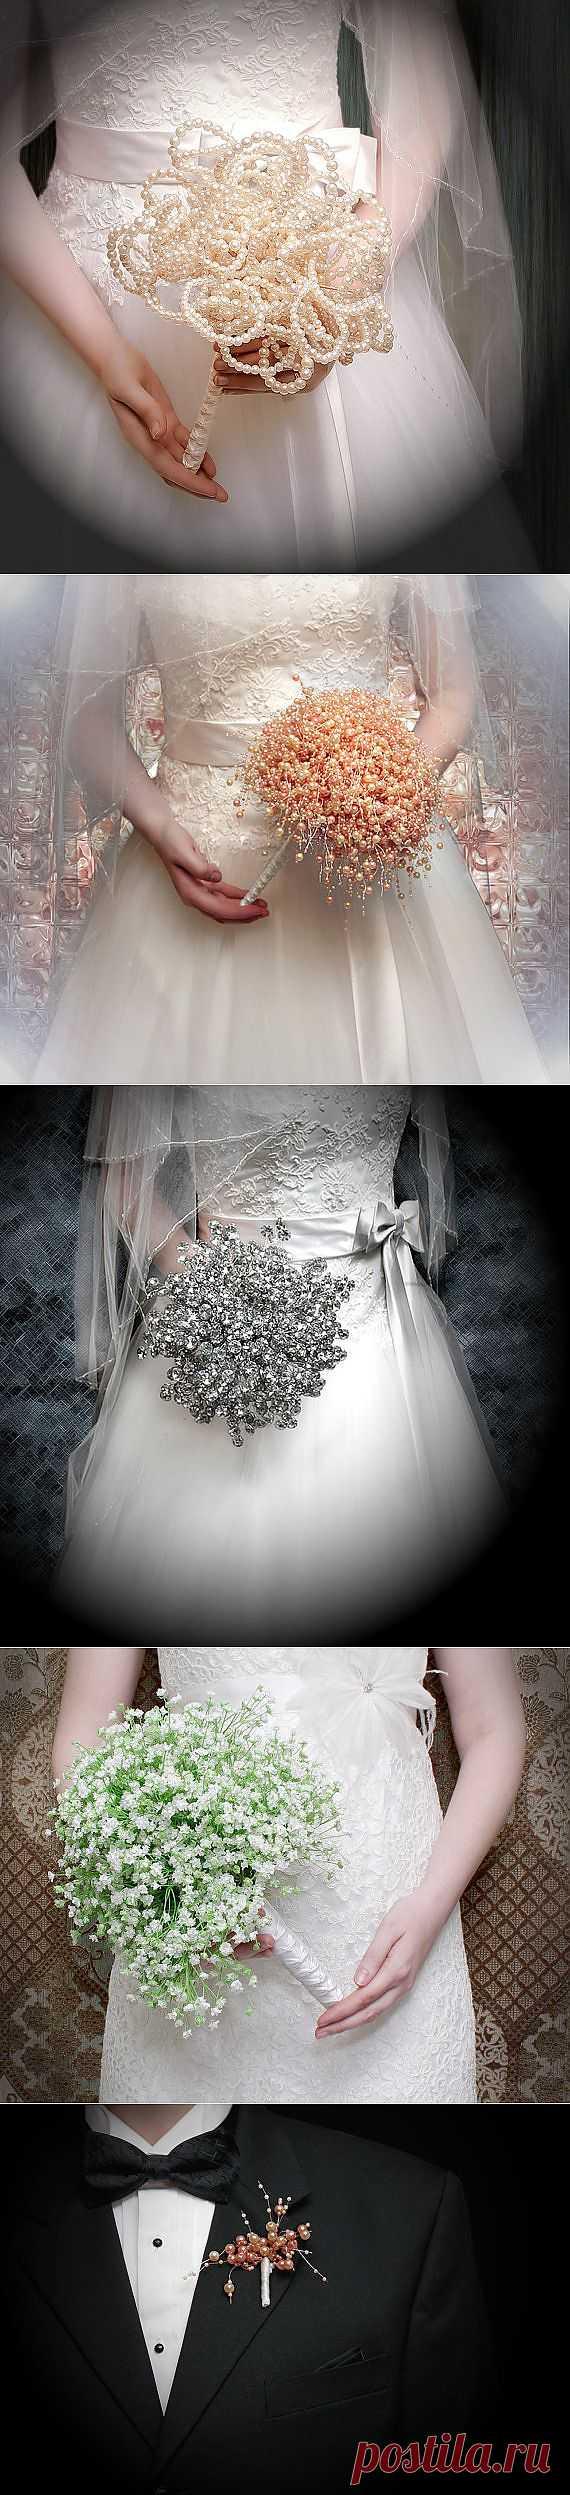 Невероятной красоты цветочные аксессуары и украшения от Brida lBouquets by Ky. Это нечто!!!.